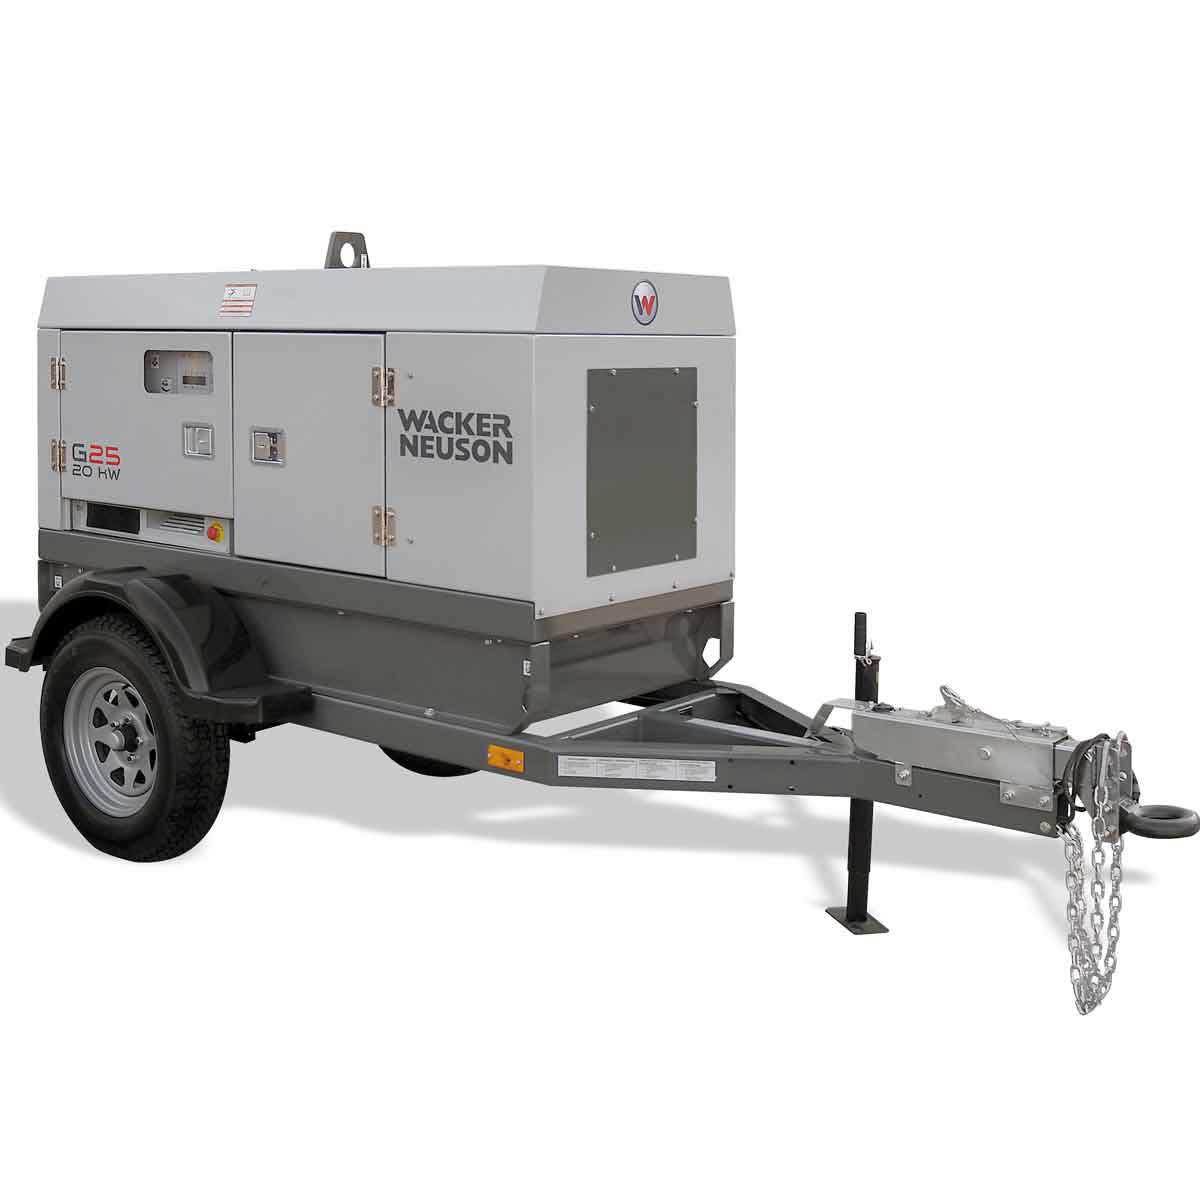 Wacker Neuson G 25 Mobile Generators Contractors Direct